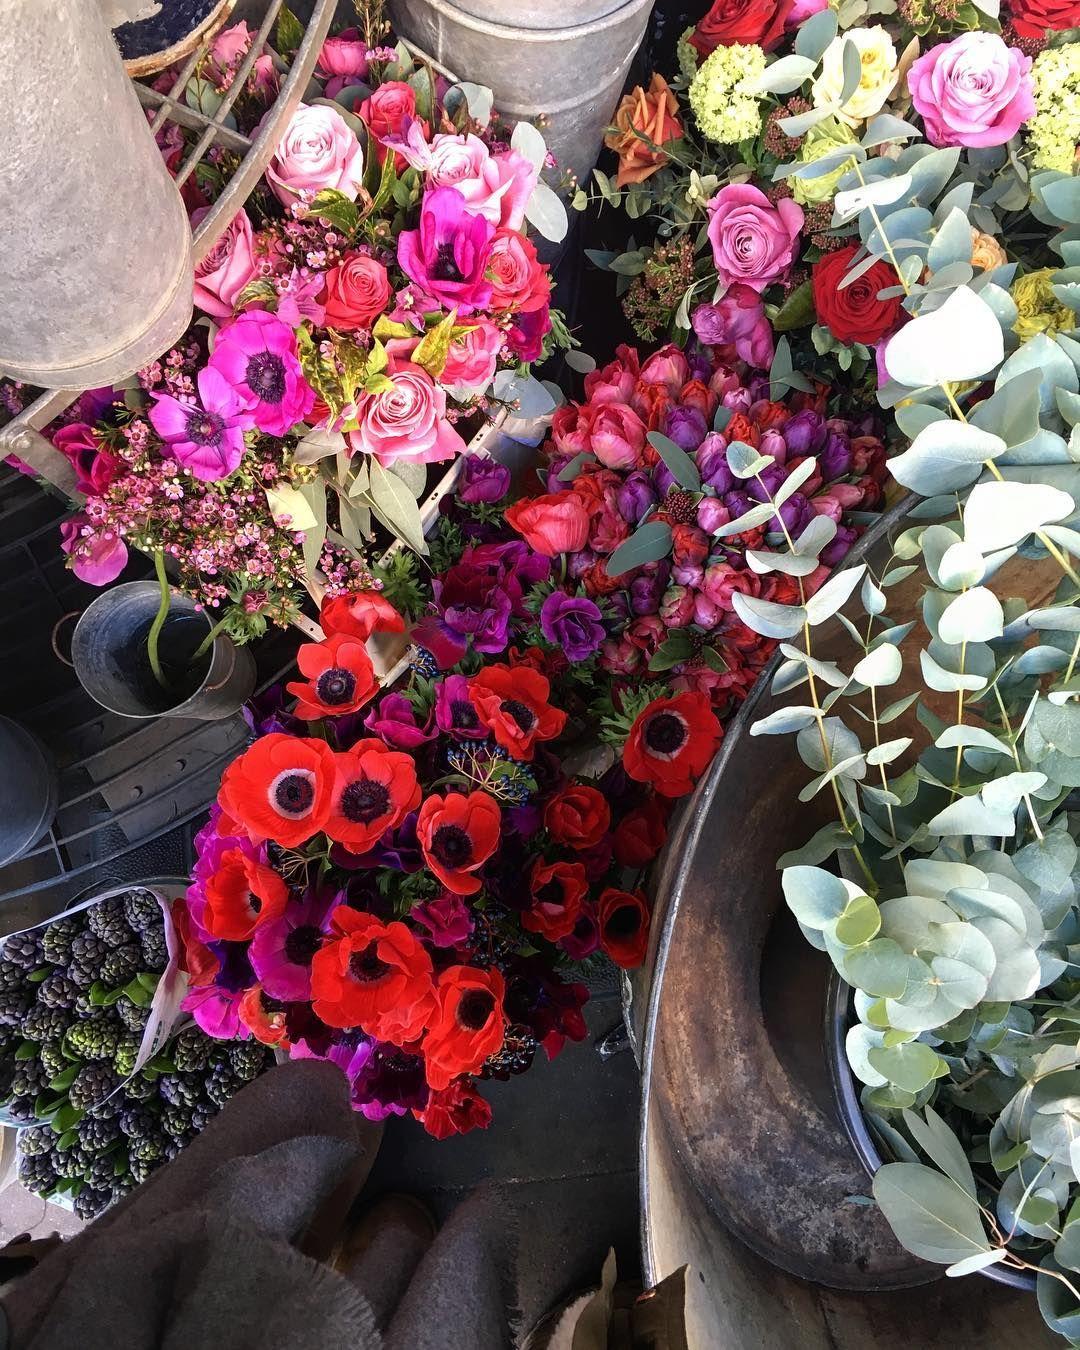 B E A U T I F L Flowers Qué Bonitas Las Amapolas Verdad Ayer Nos Tocaba Visita Libertylondon Creo Que Es De Tiendas Más